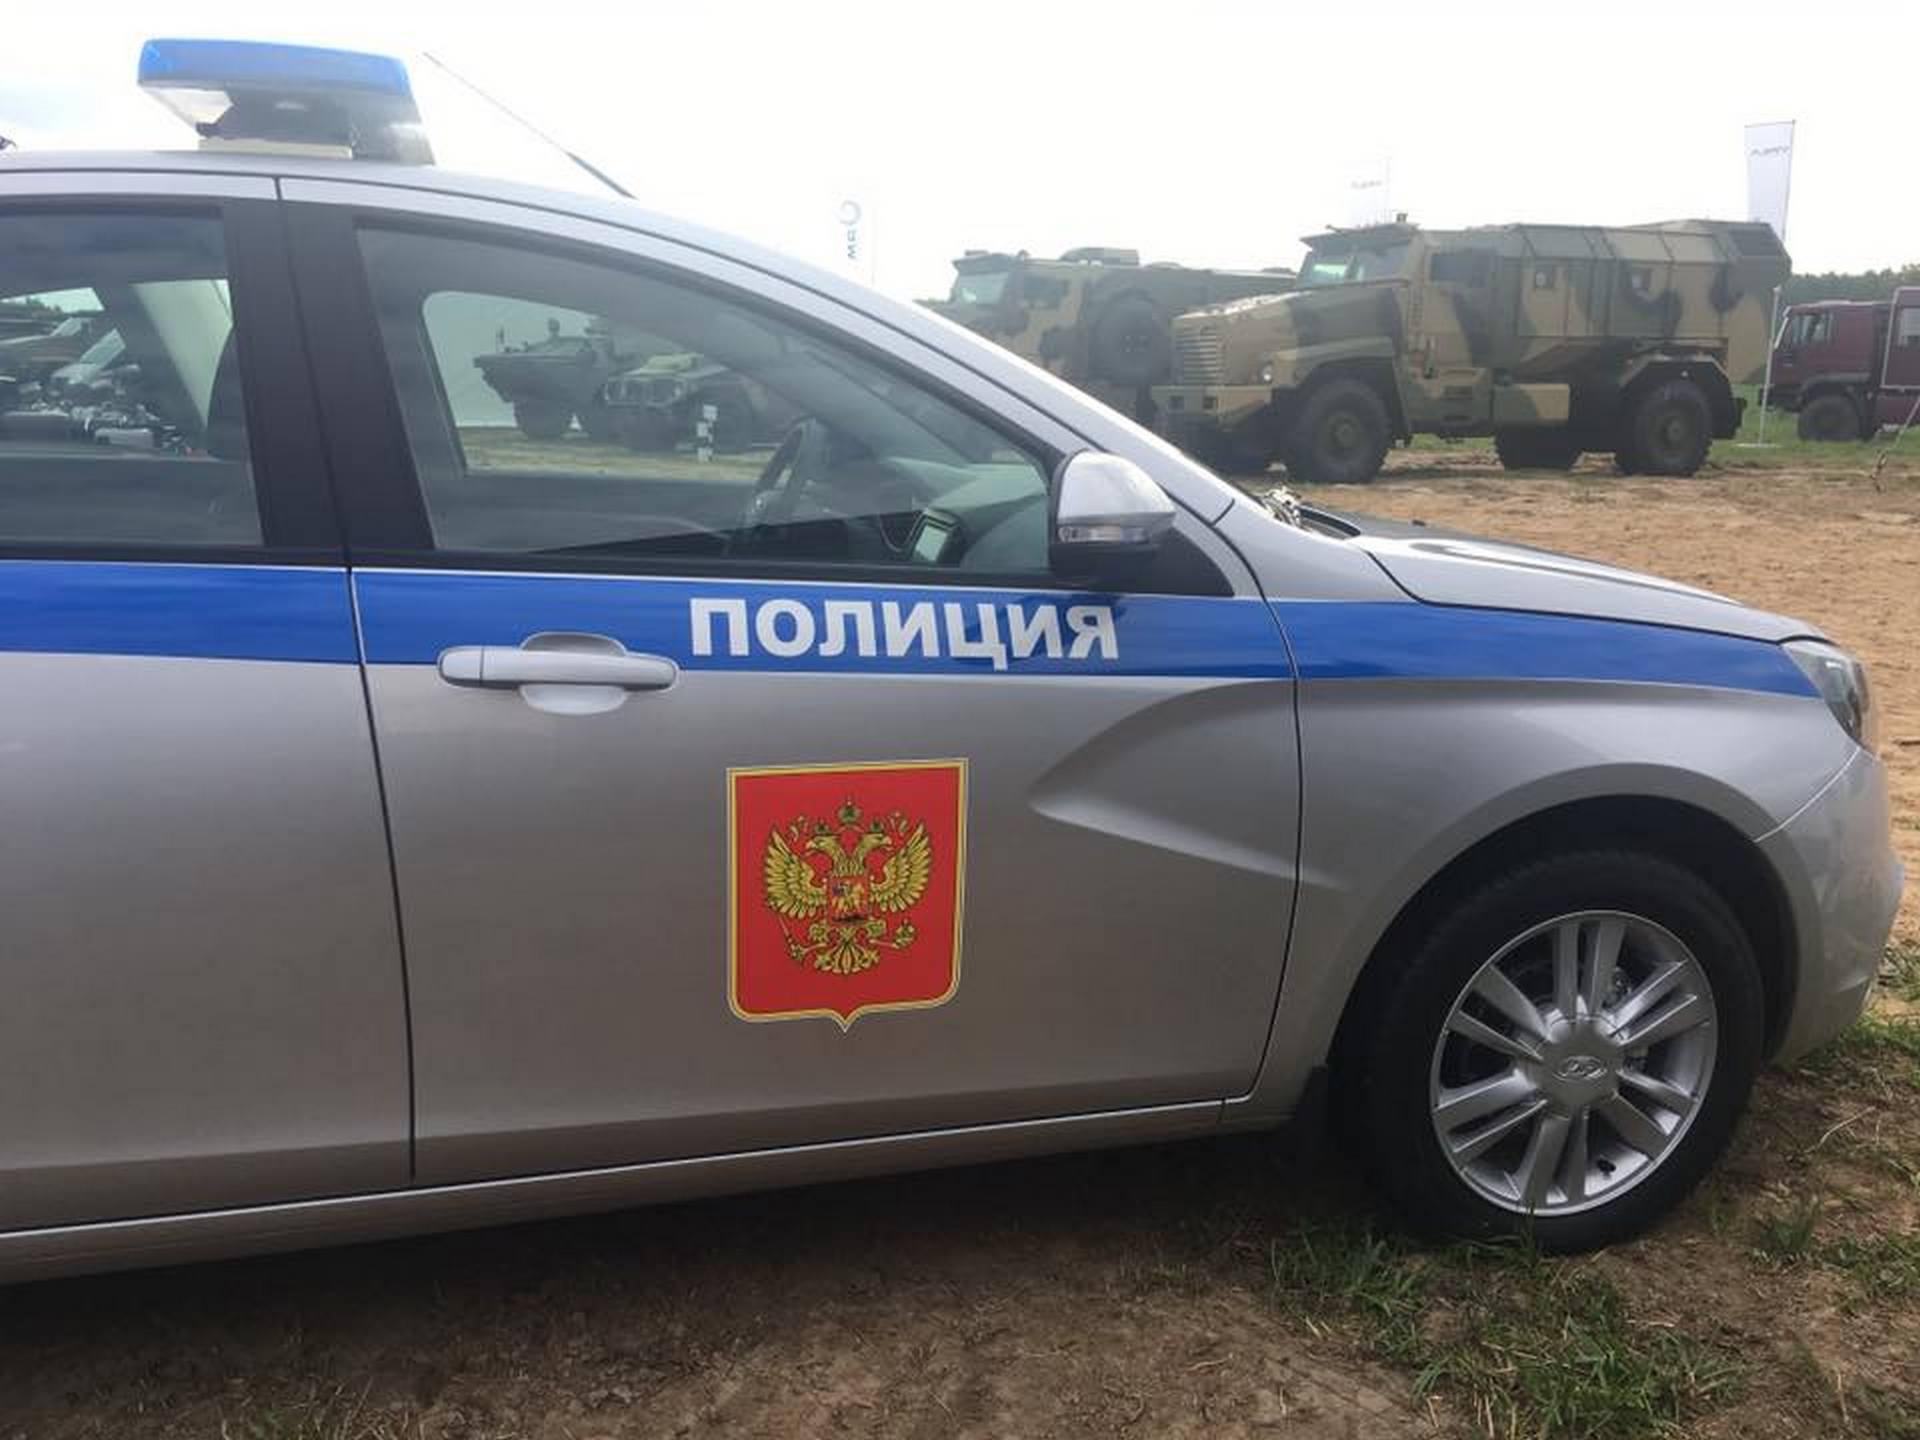 Lada Vesta для полиции